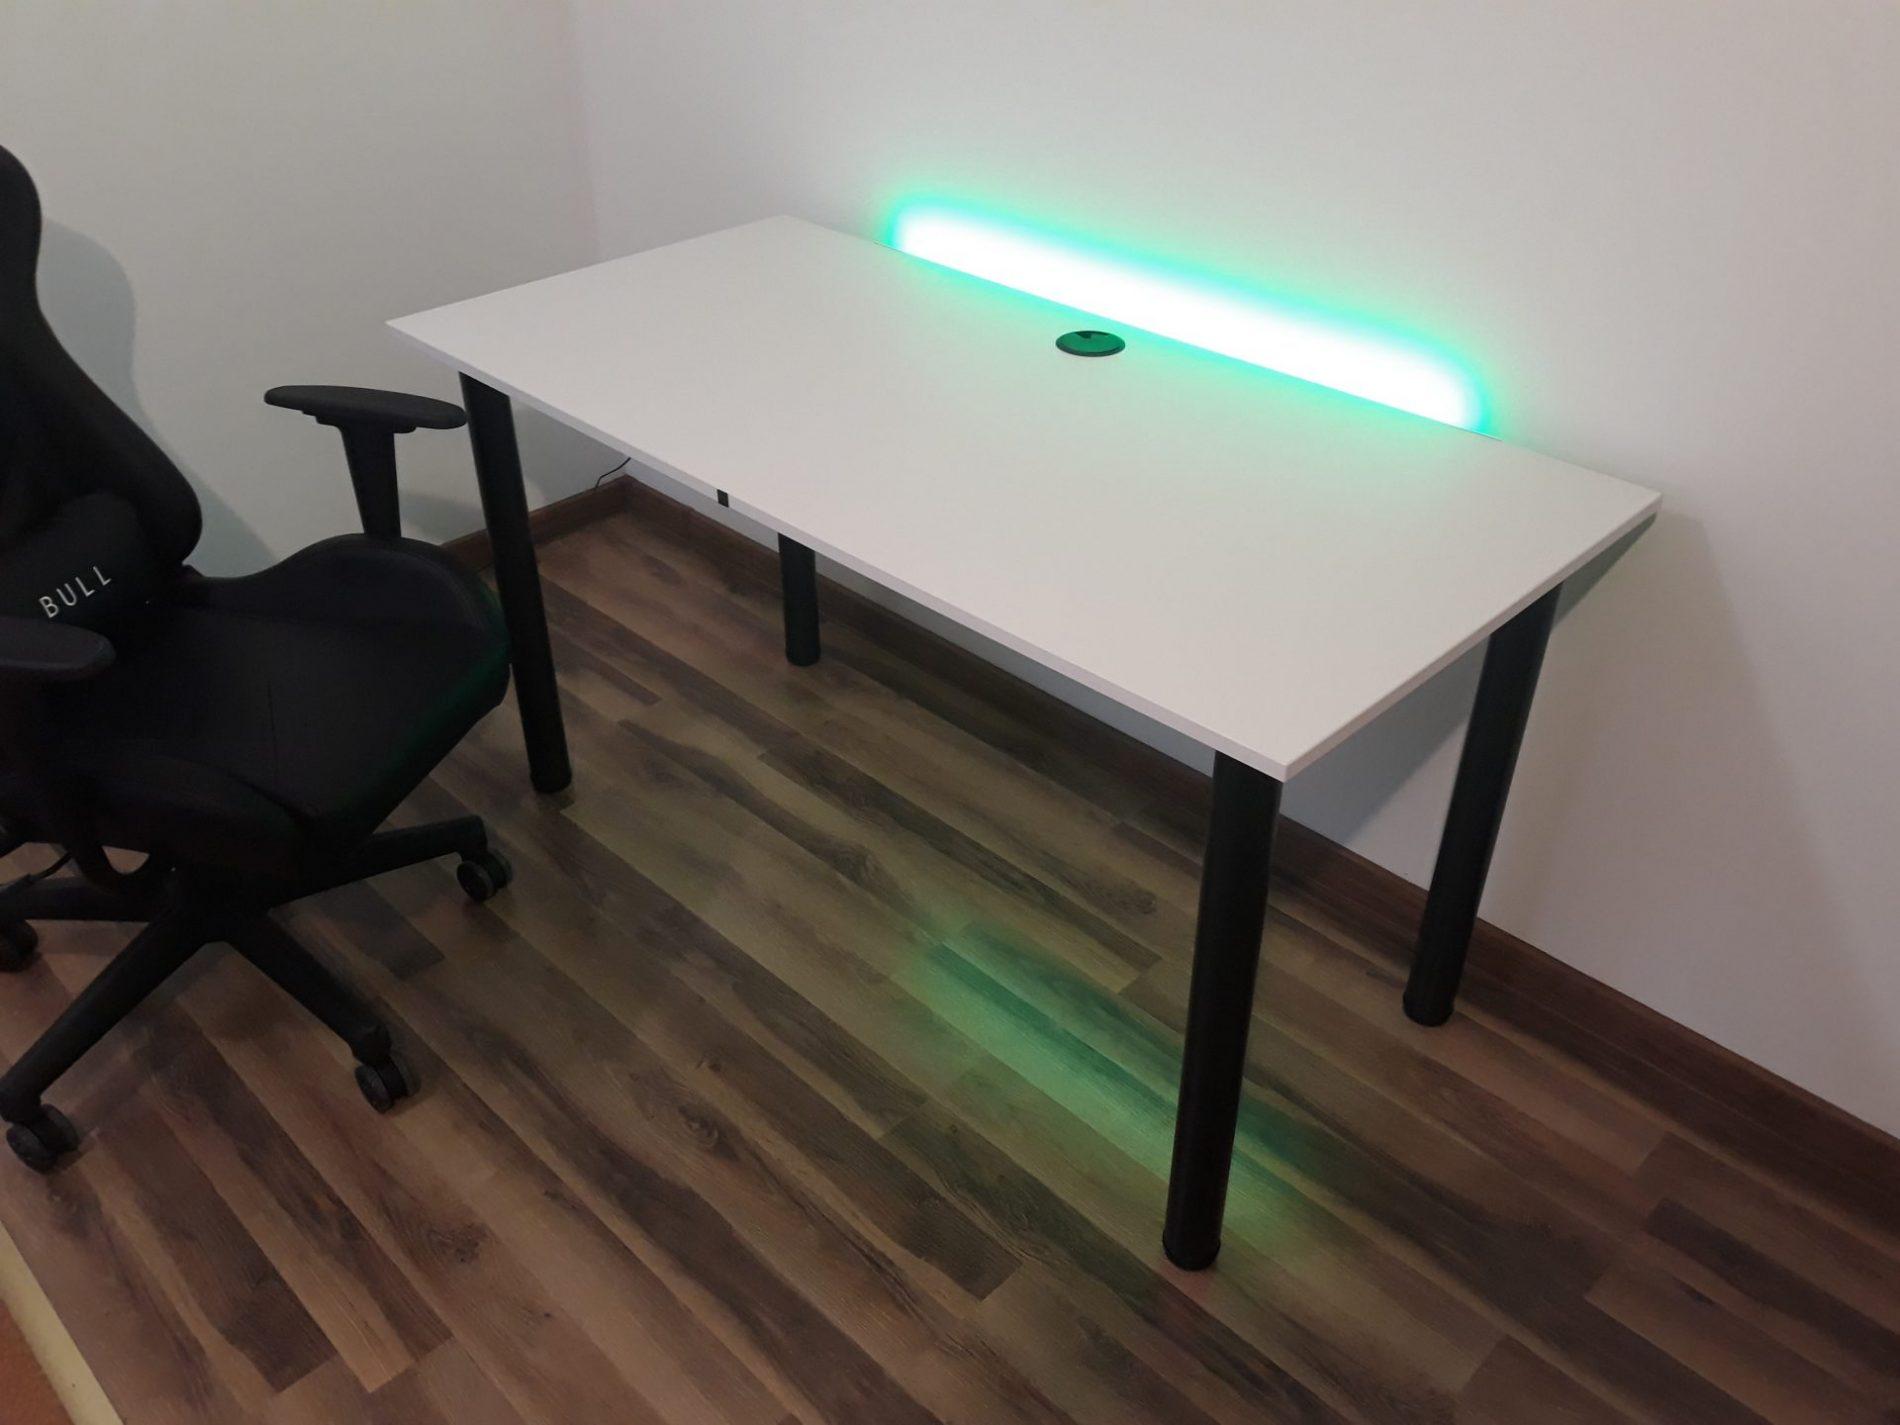 biurko białe z podświetleniem ledowym rgb